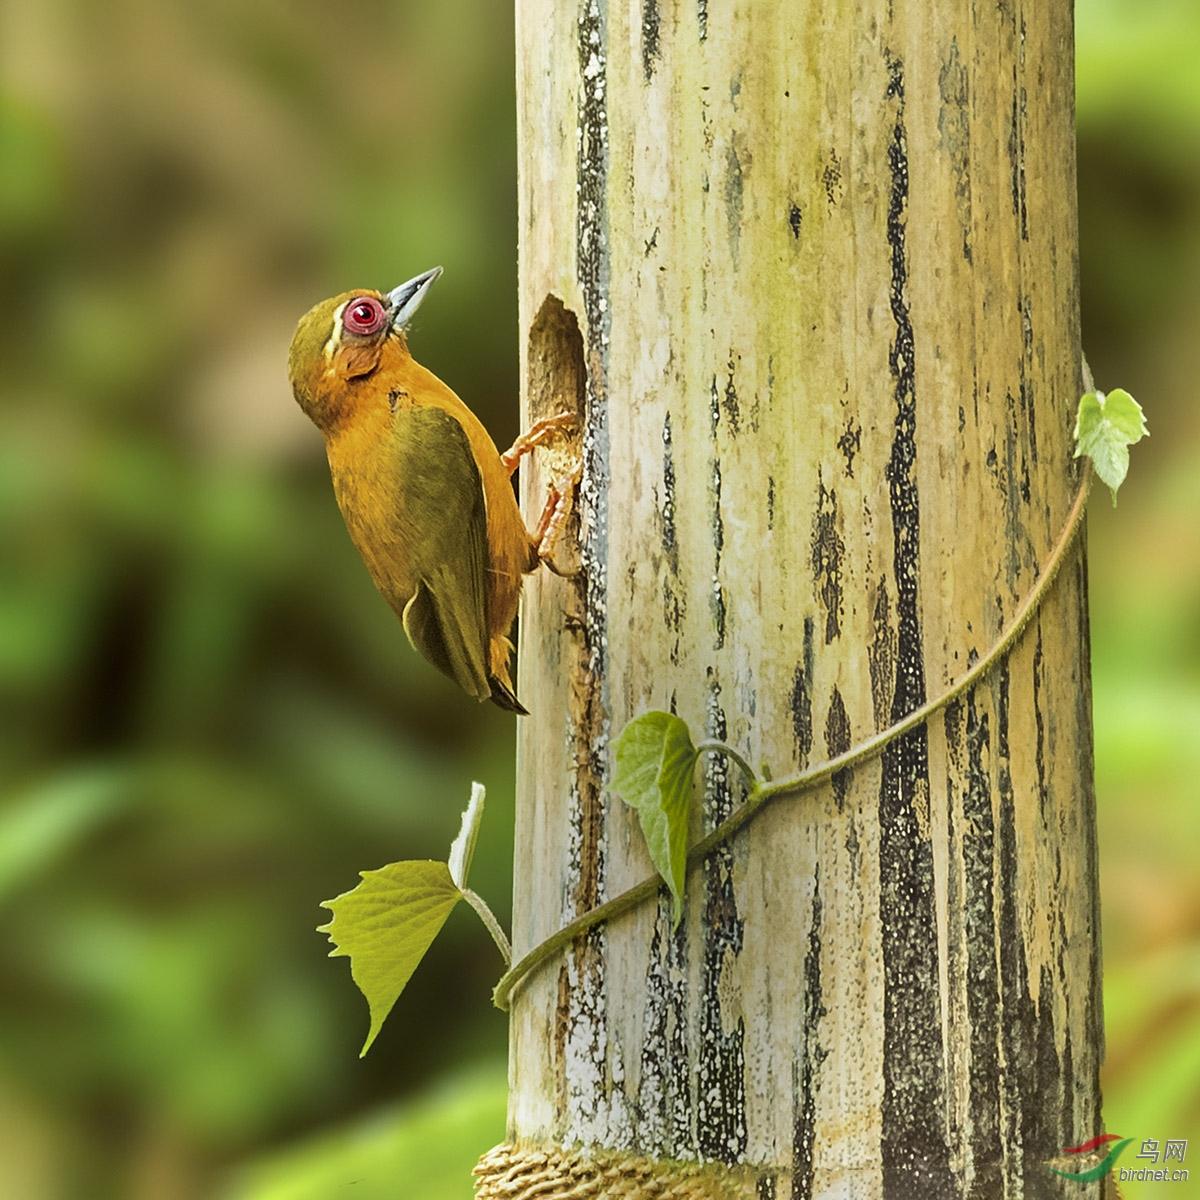 图六:白眉棕啄木鸟回来了,发现自己的家里来了不速之客,于是它决定看看是谁闯进了自己的家。